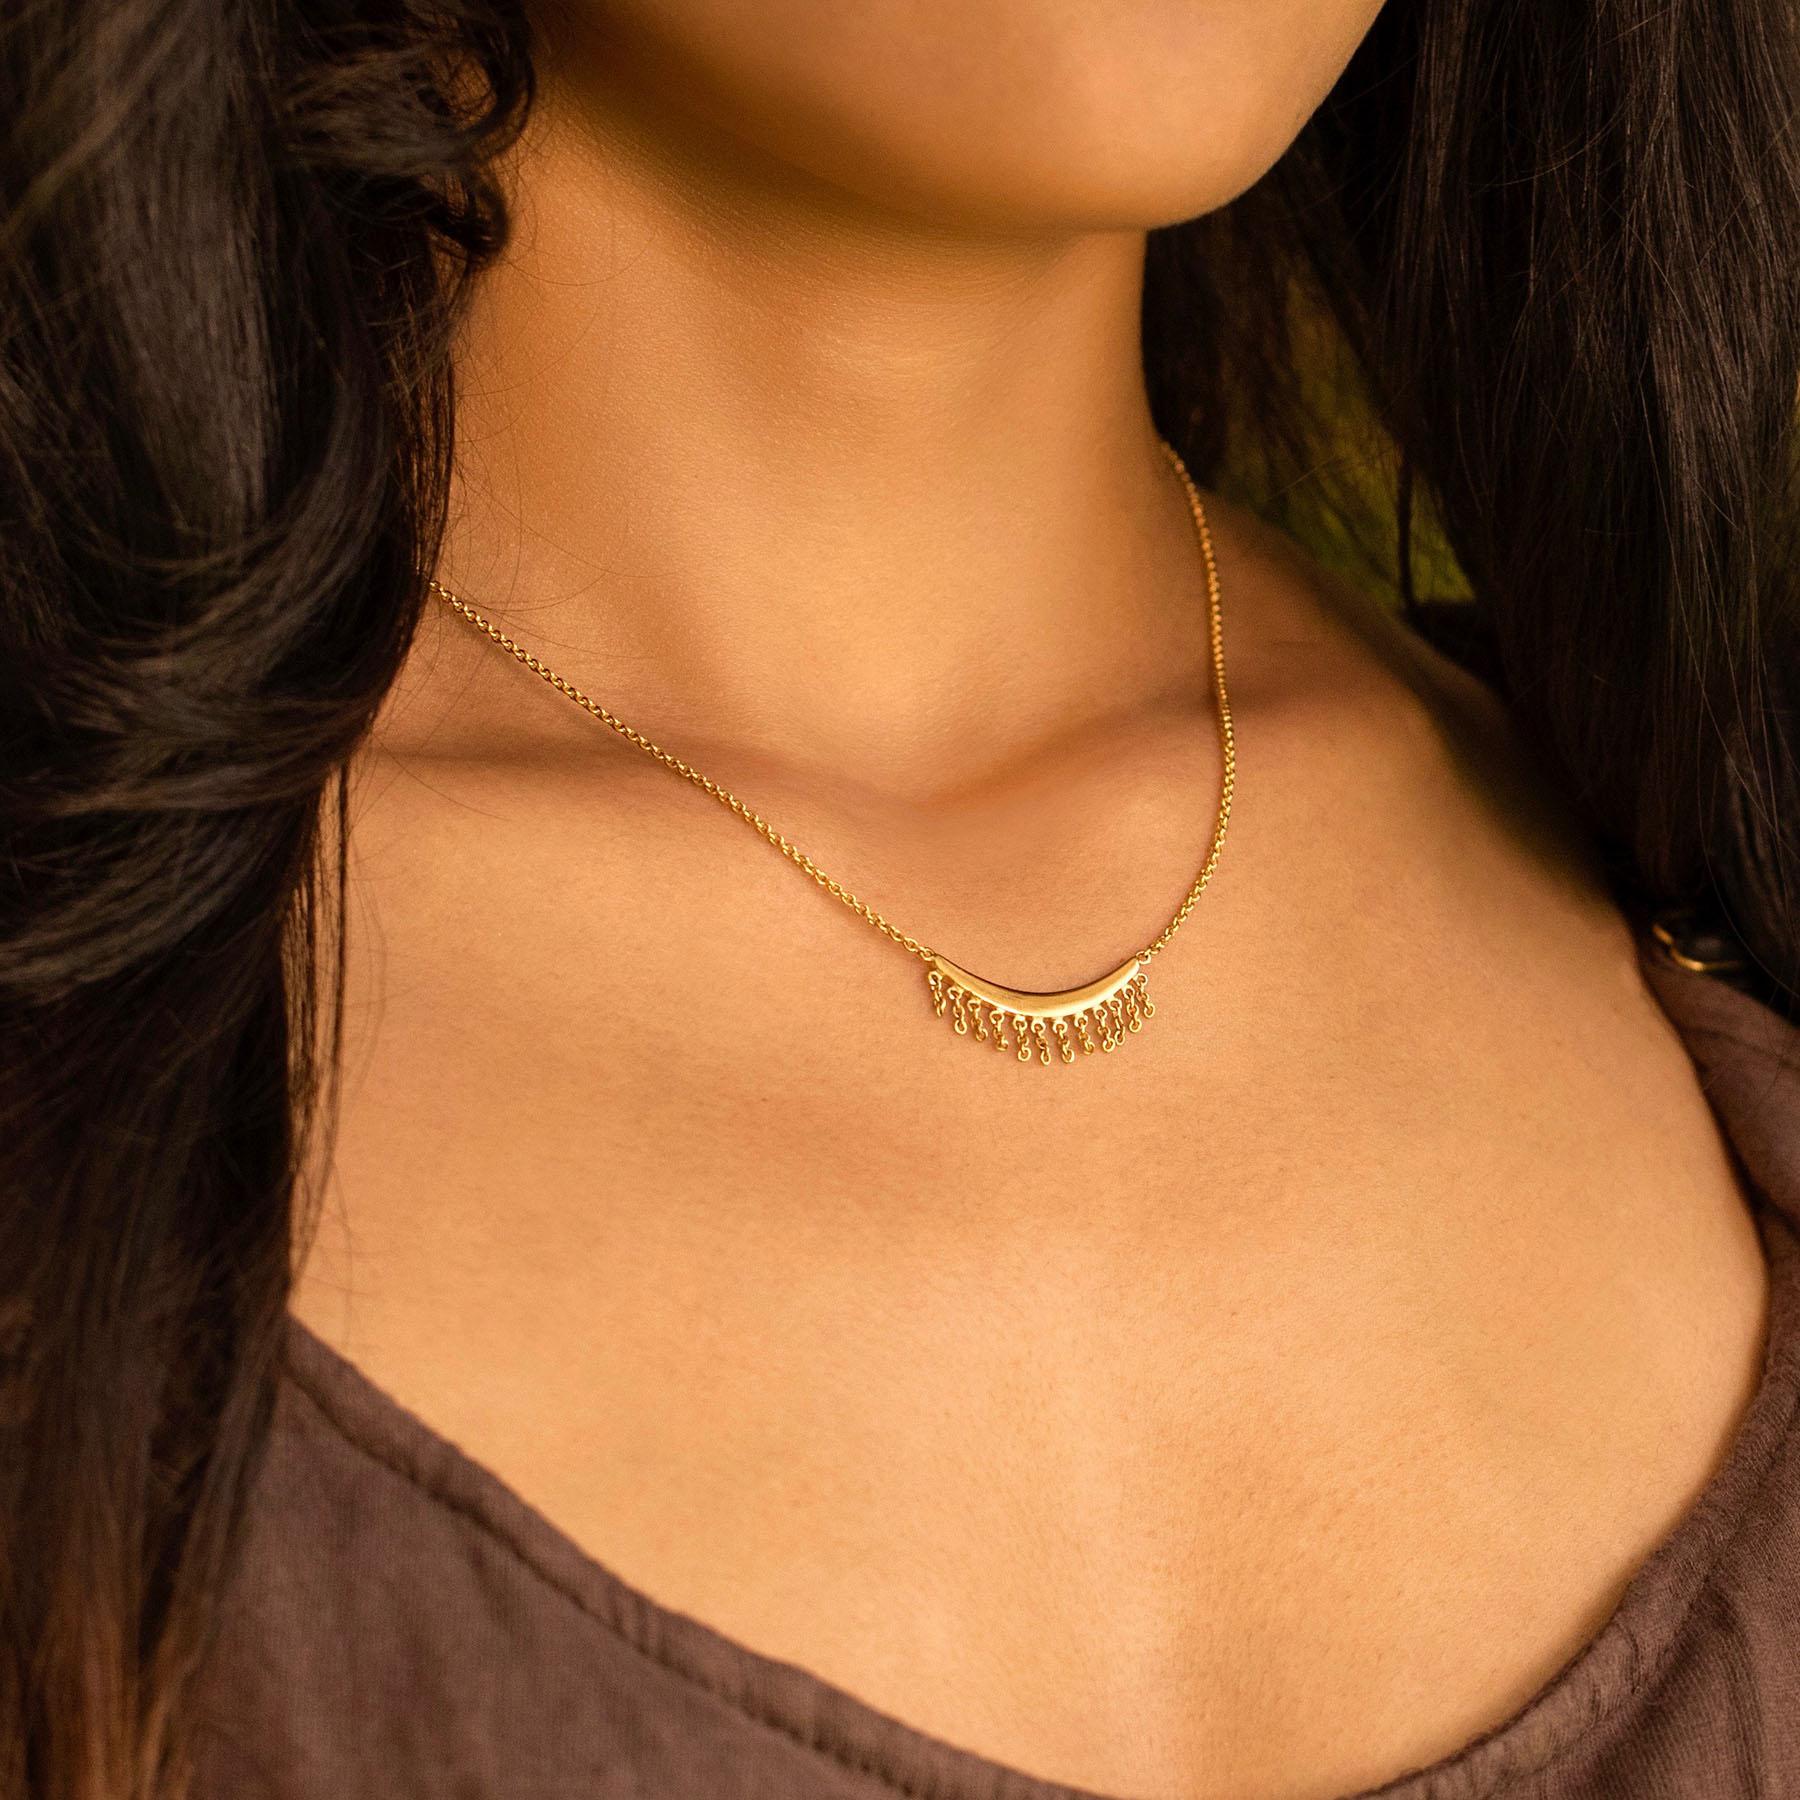 Bohemian Rapture Gold Necklaces